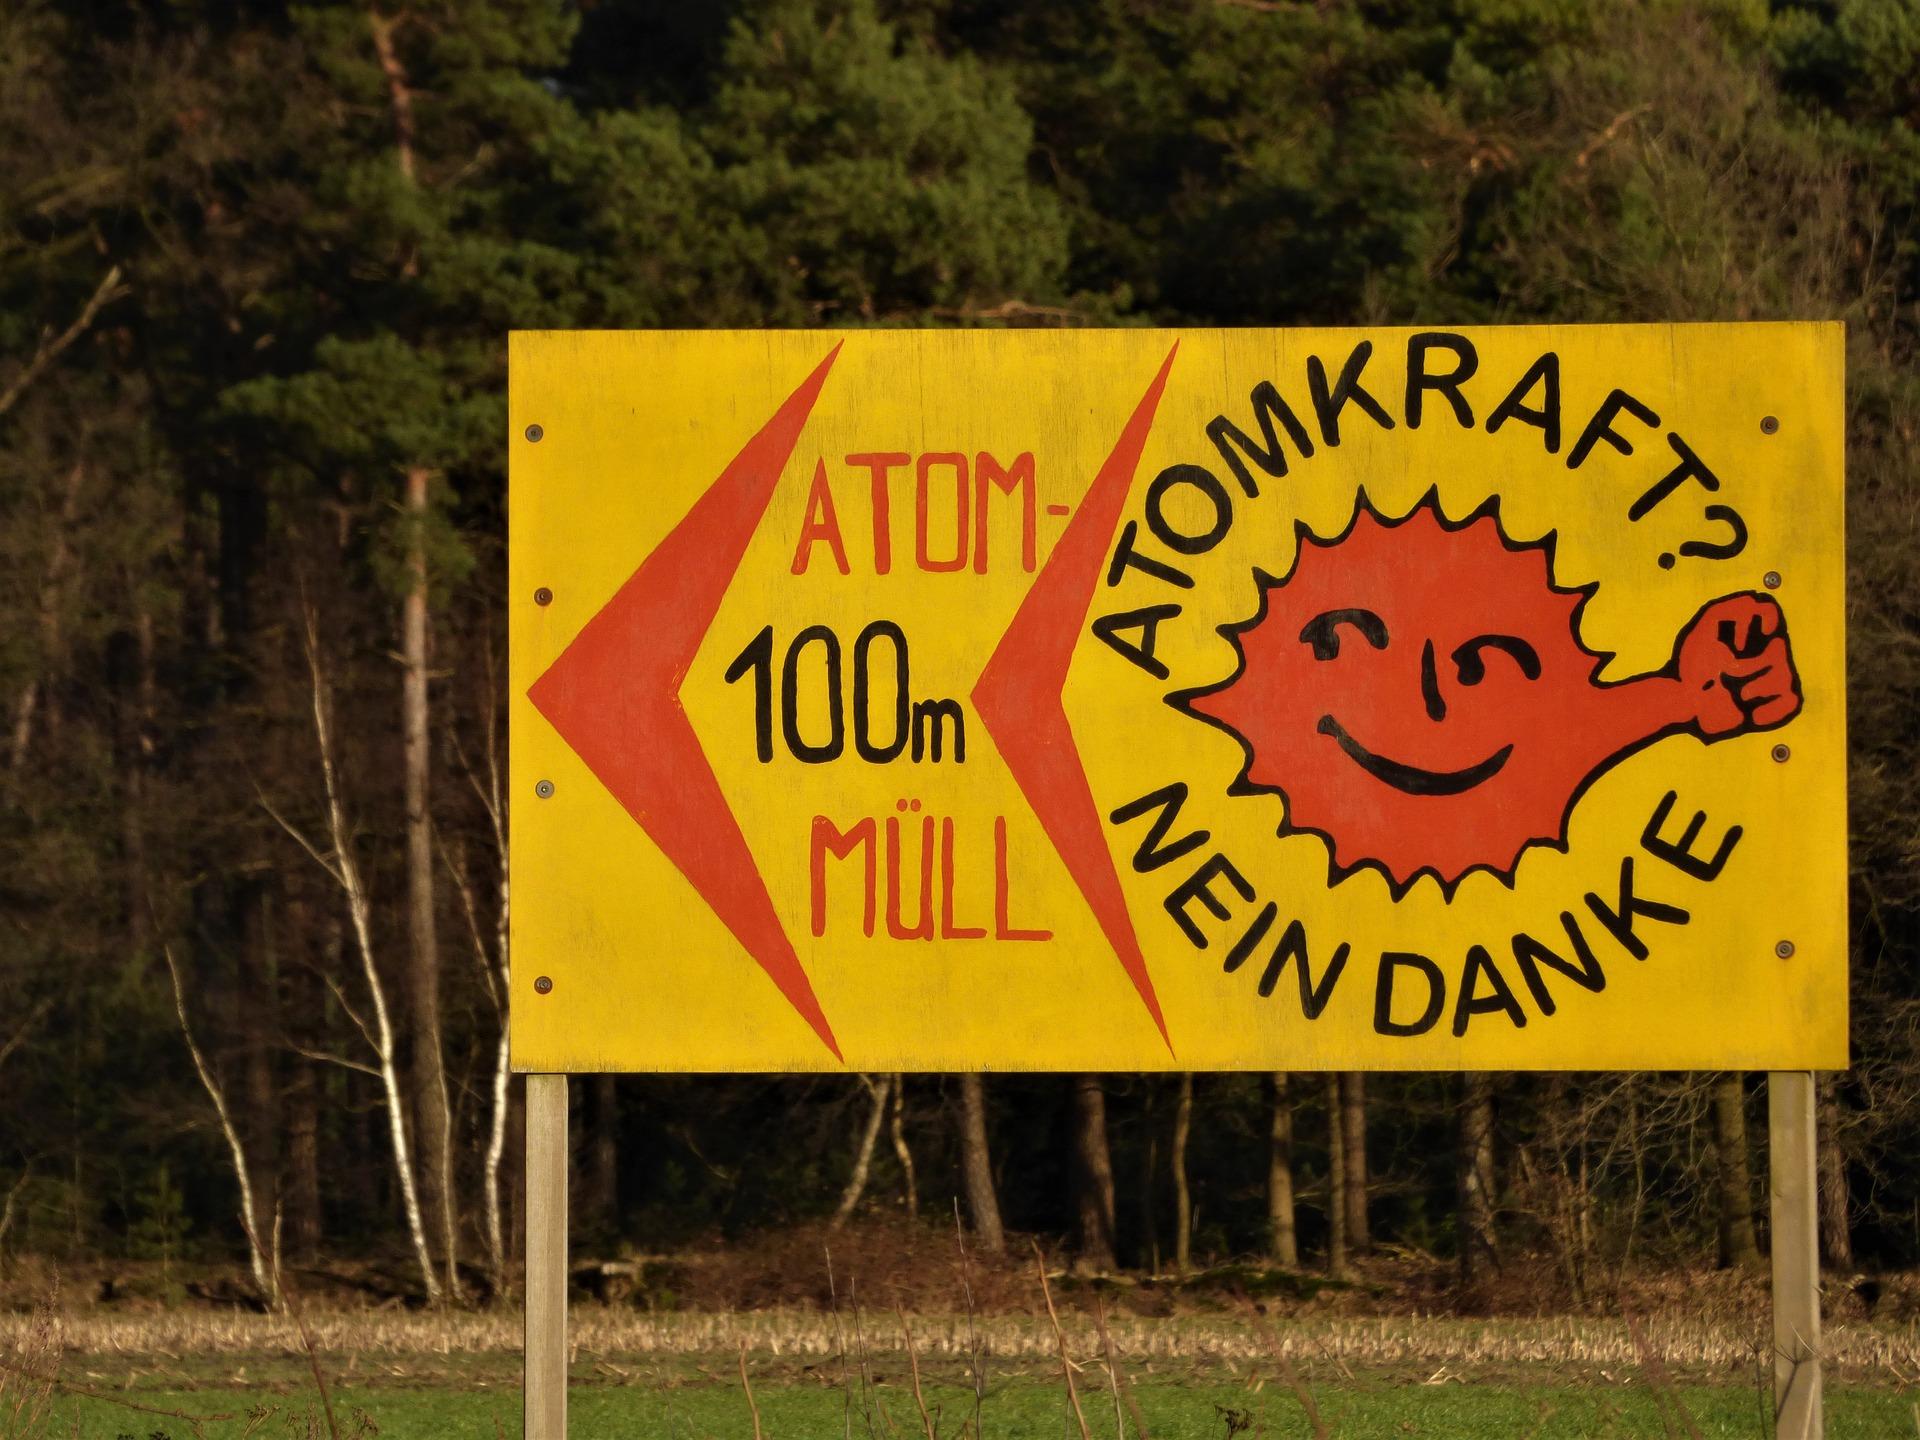 EU: Atomkraft wird im Kampf gegen Klimawandel keine Rolle spielen